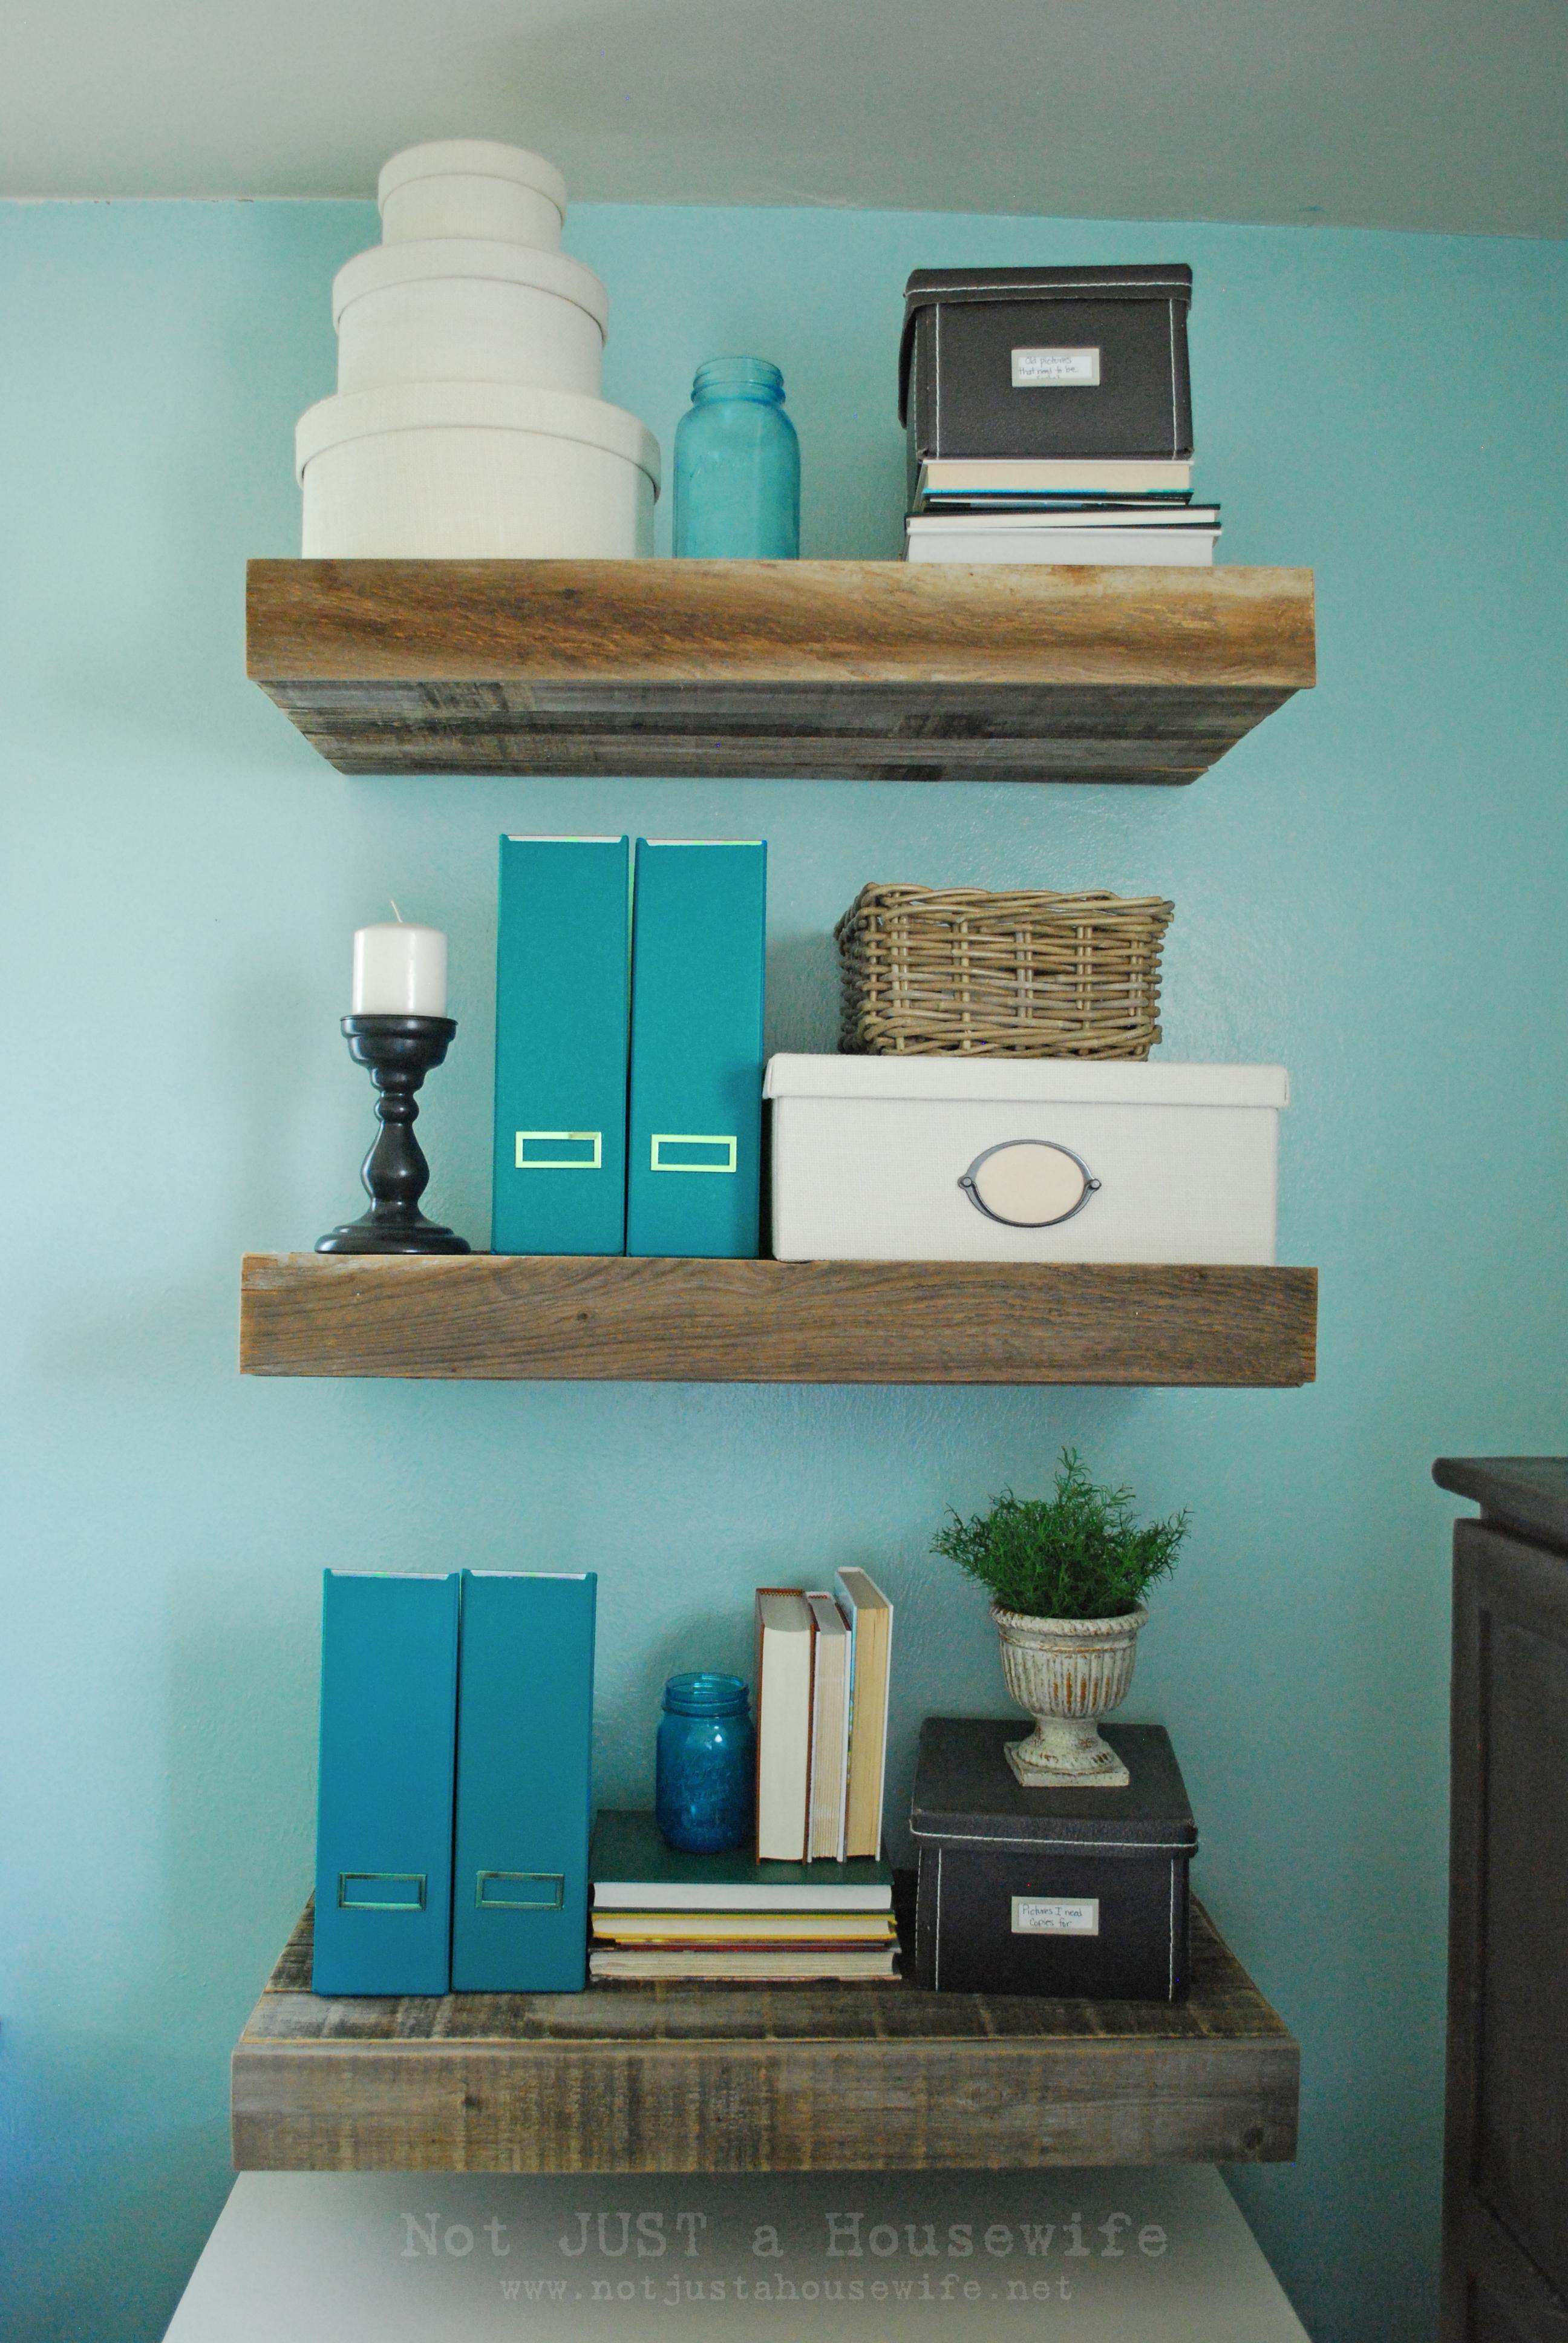 Fullsize Of Floating Shelf Small